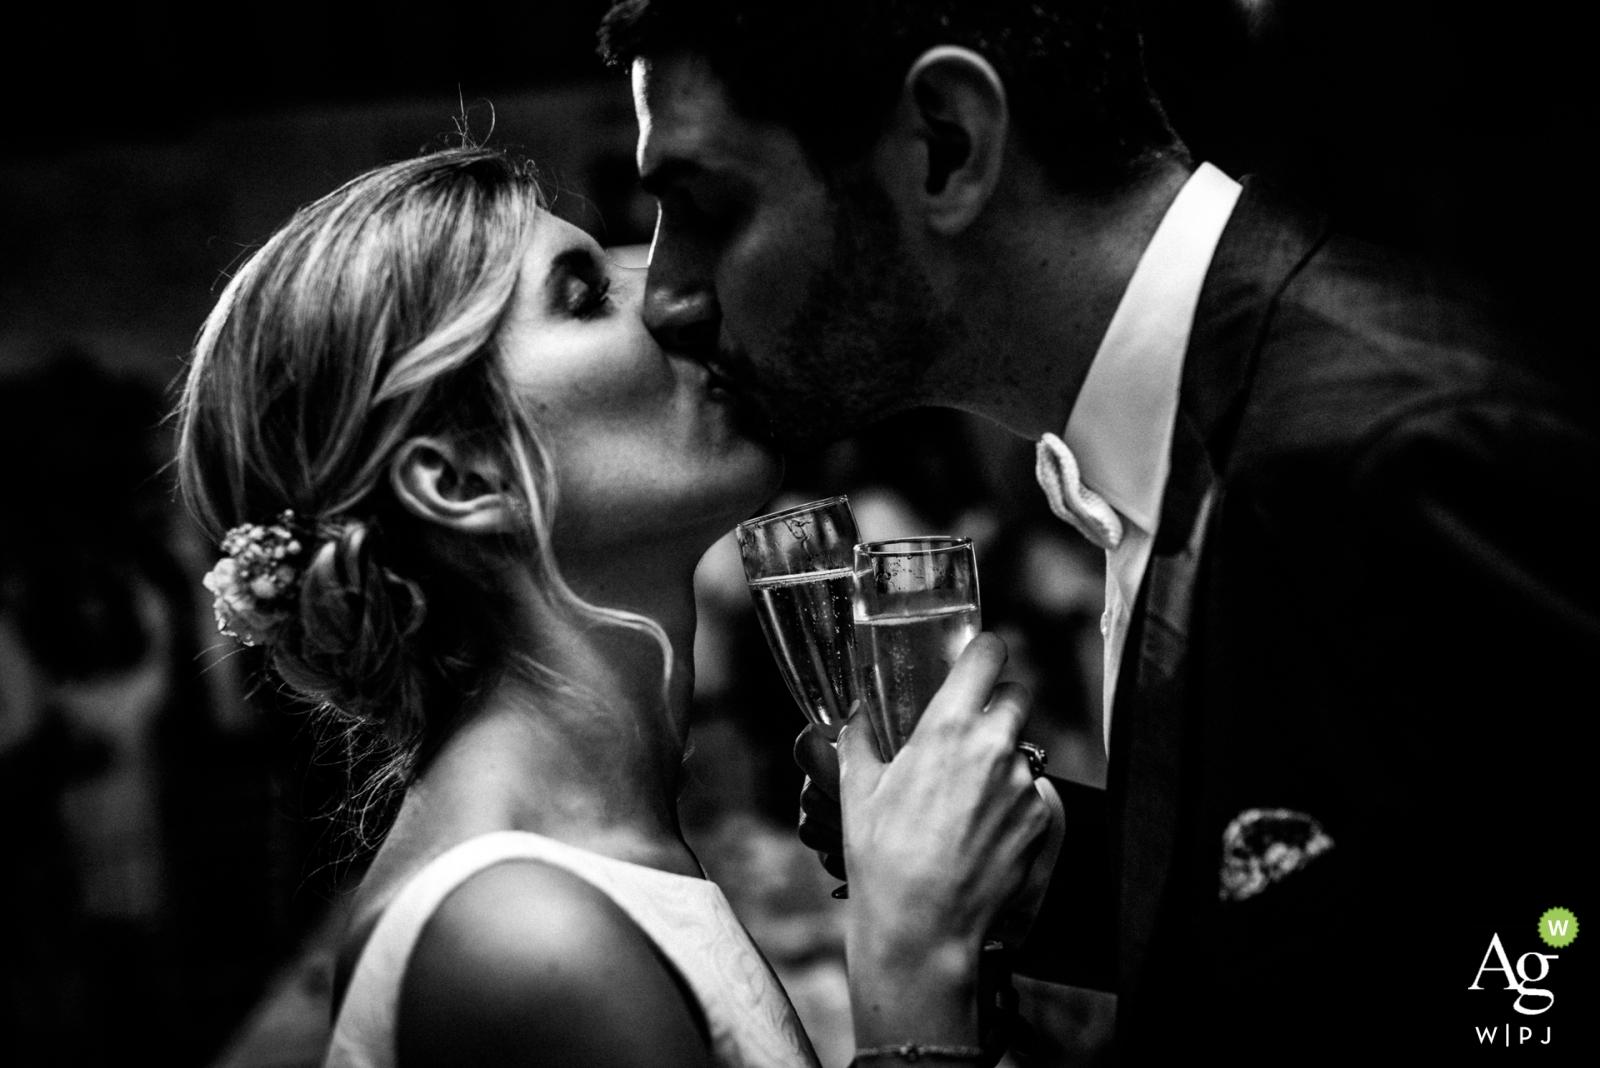 Retratos de boda de bellas artes de París | La imagen contiene: novia, novio, retrato, blanco y negro, champán, besos, tostado